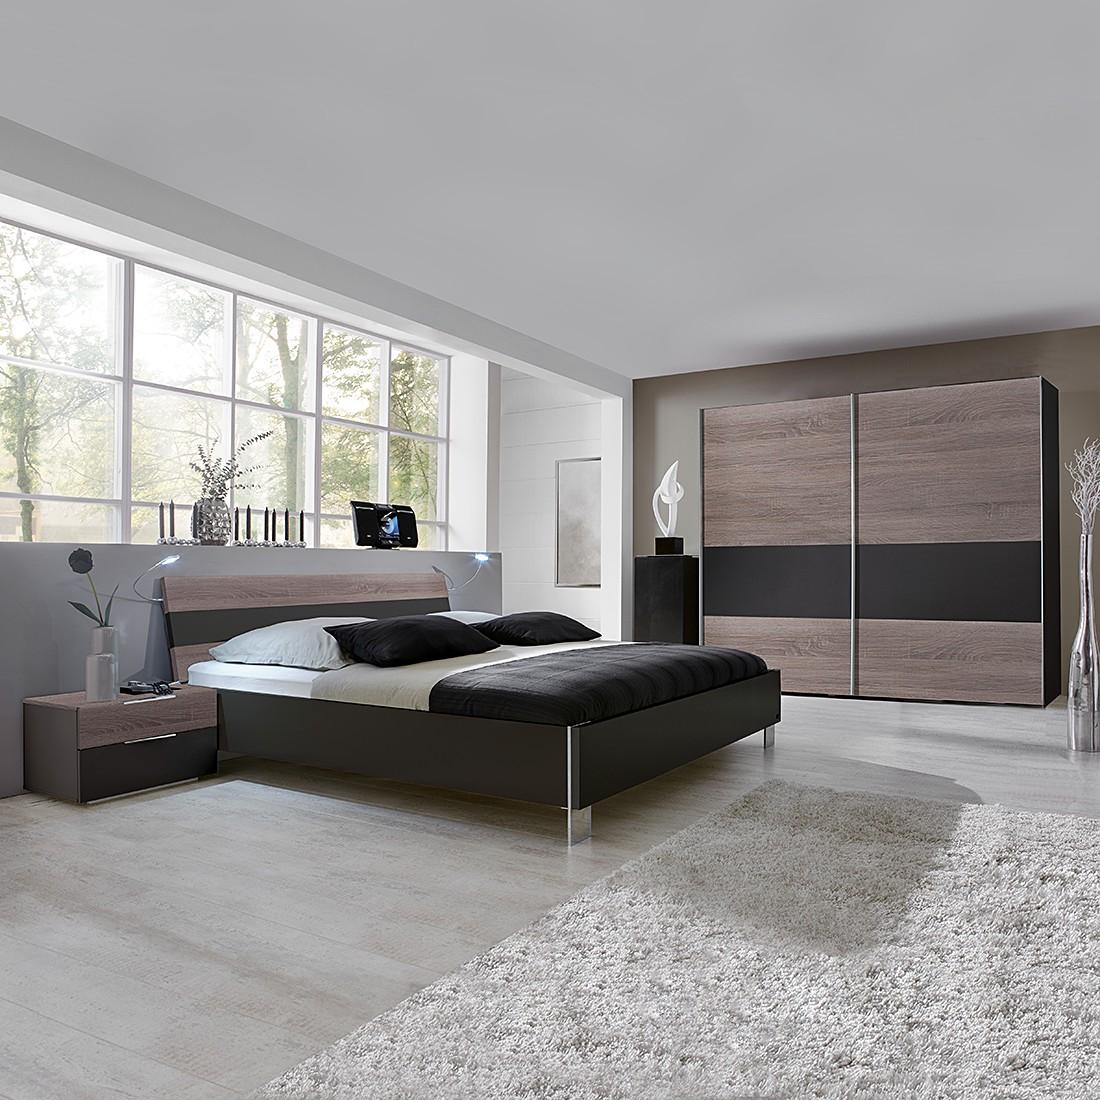 schlafzimmerset saphir 3 teilig buche dekor nolte delbr ck g nstig bestellen. Black Bedroom Furniture Sets. Home Design Ideas